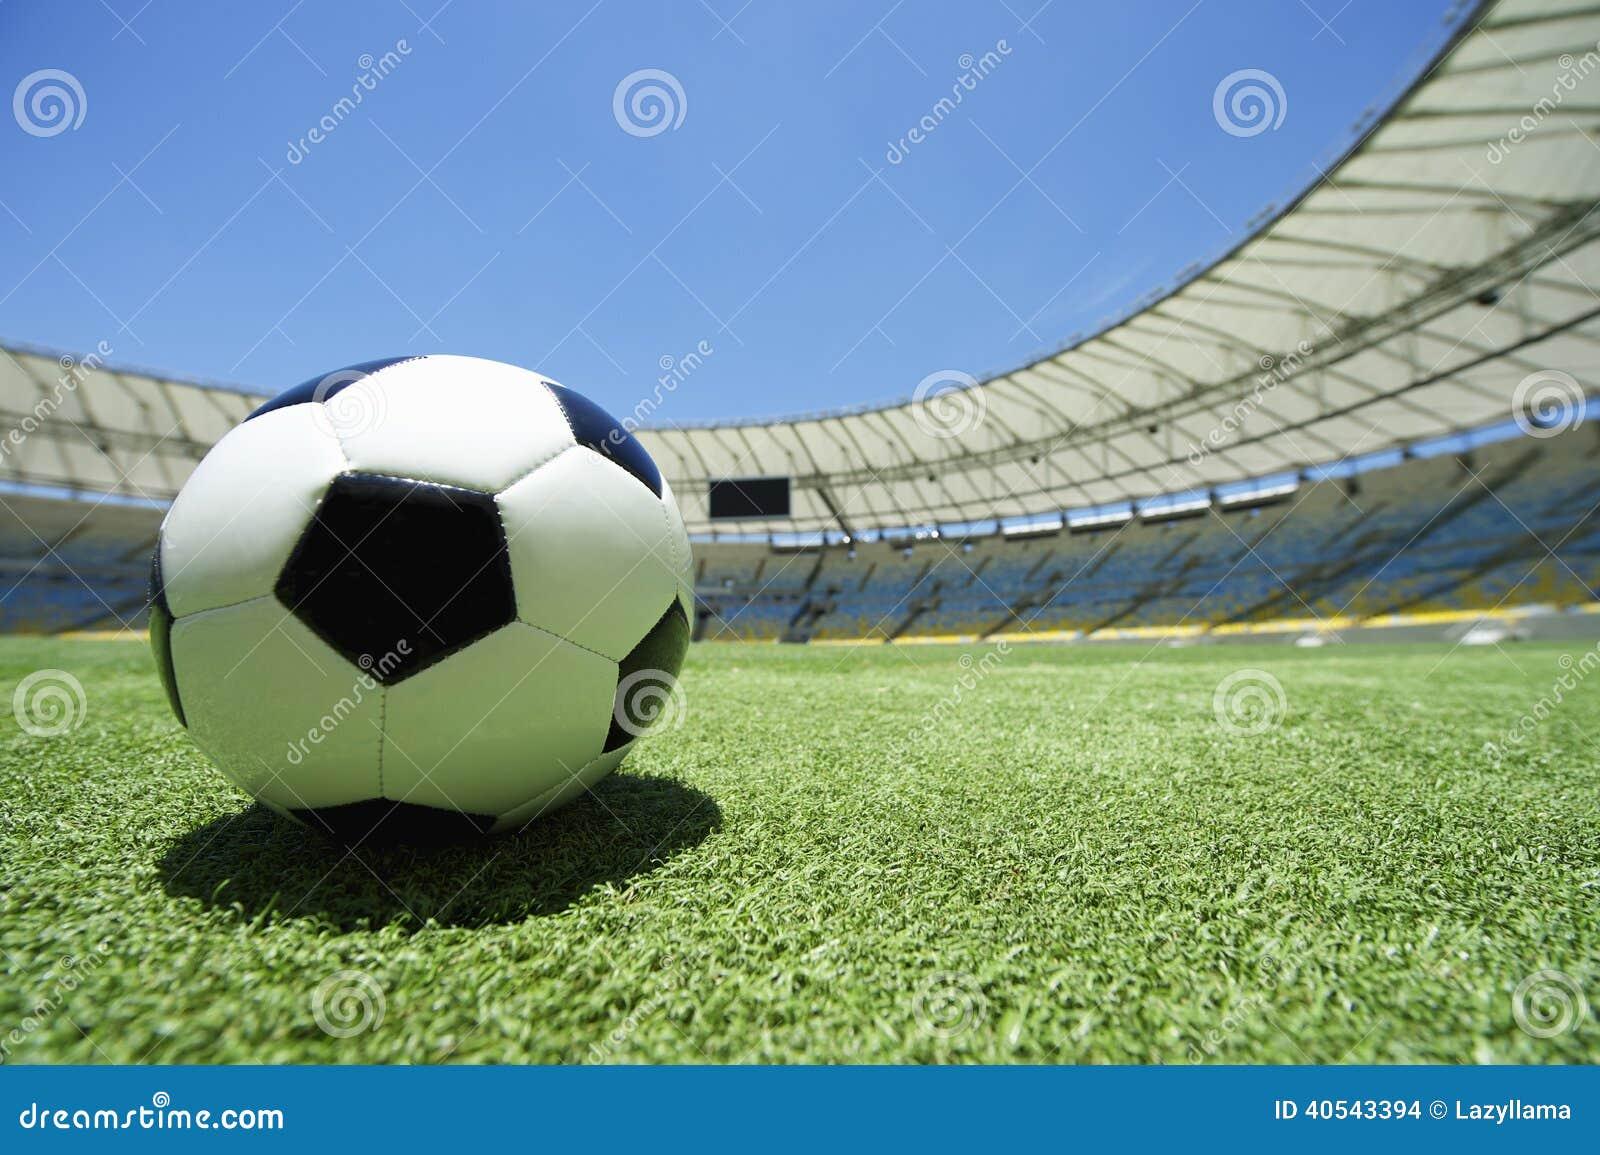 Football Soccer Ball Green Grass Stadium Pitch